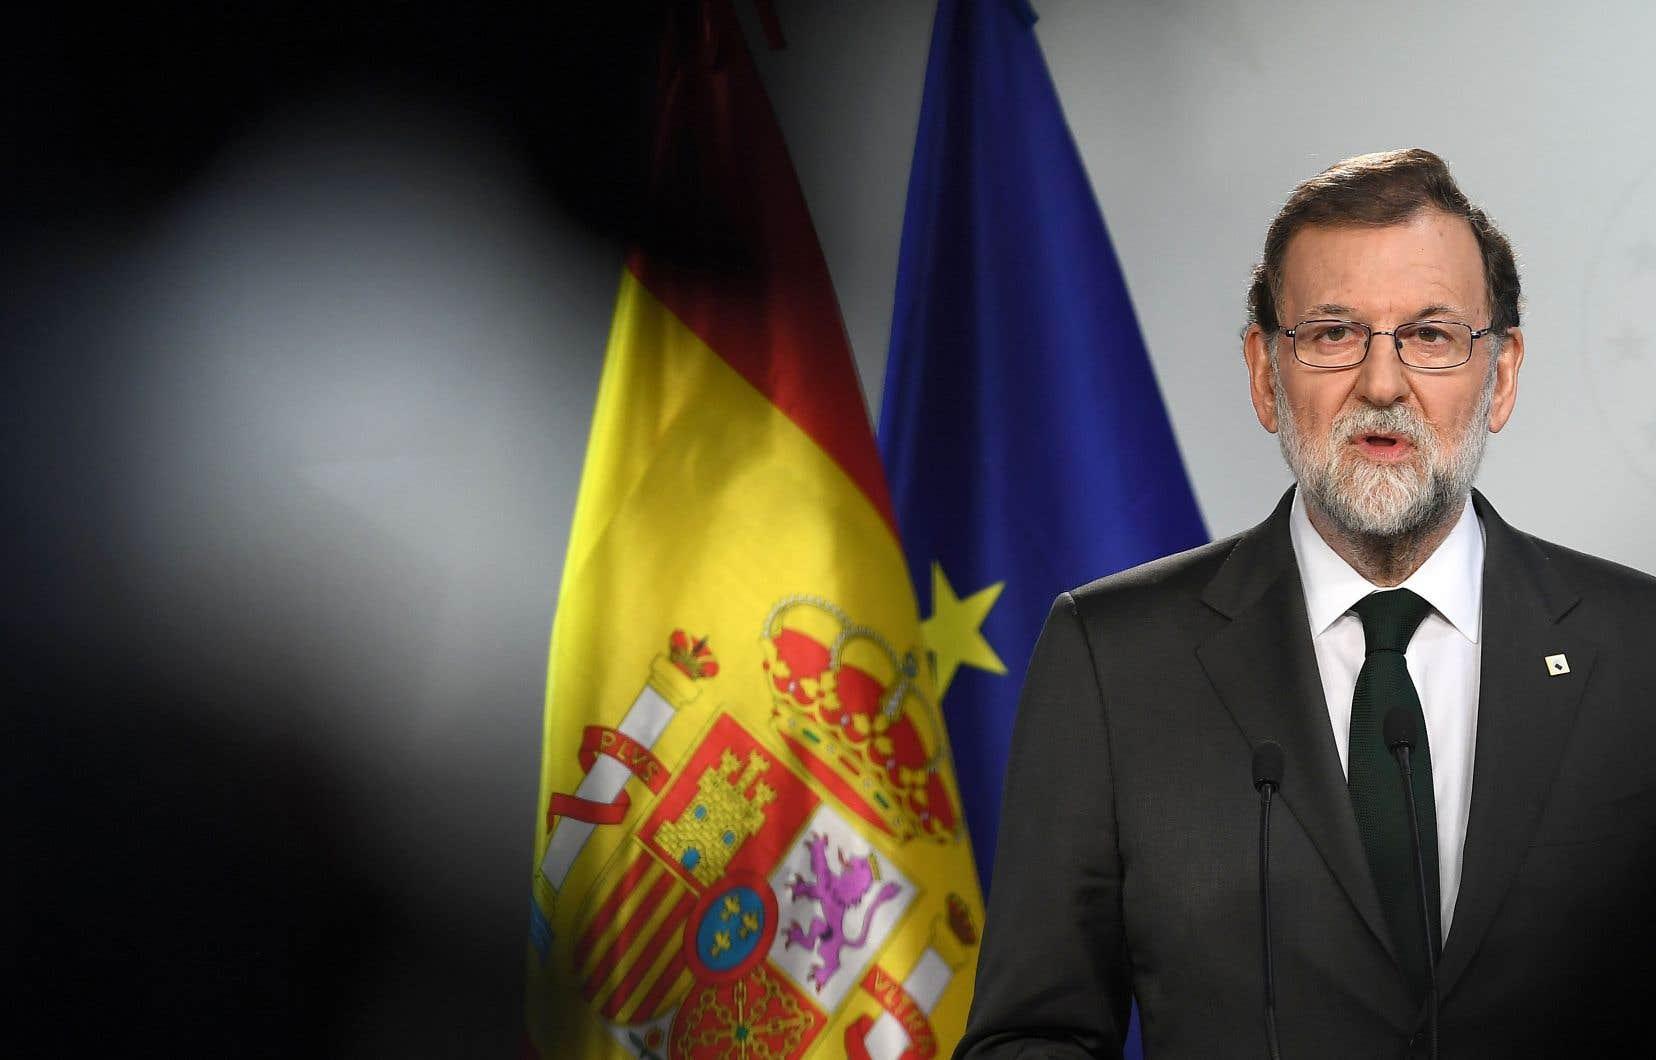 Pour reprendre le contrôle de la région, le gouvernement dirigé par Mariano Rajoy prévoit de limoger l'exécutif indépendantiste, de prendre le commandement de la police et de placer sous tutelle le Parlement et les médias publics.